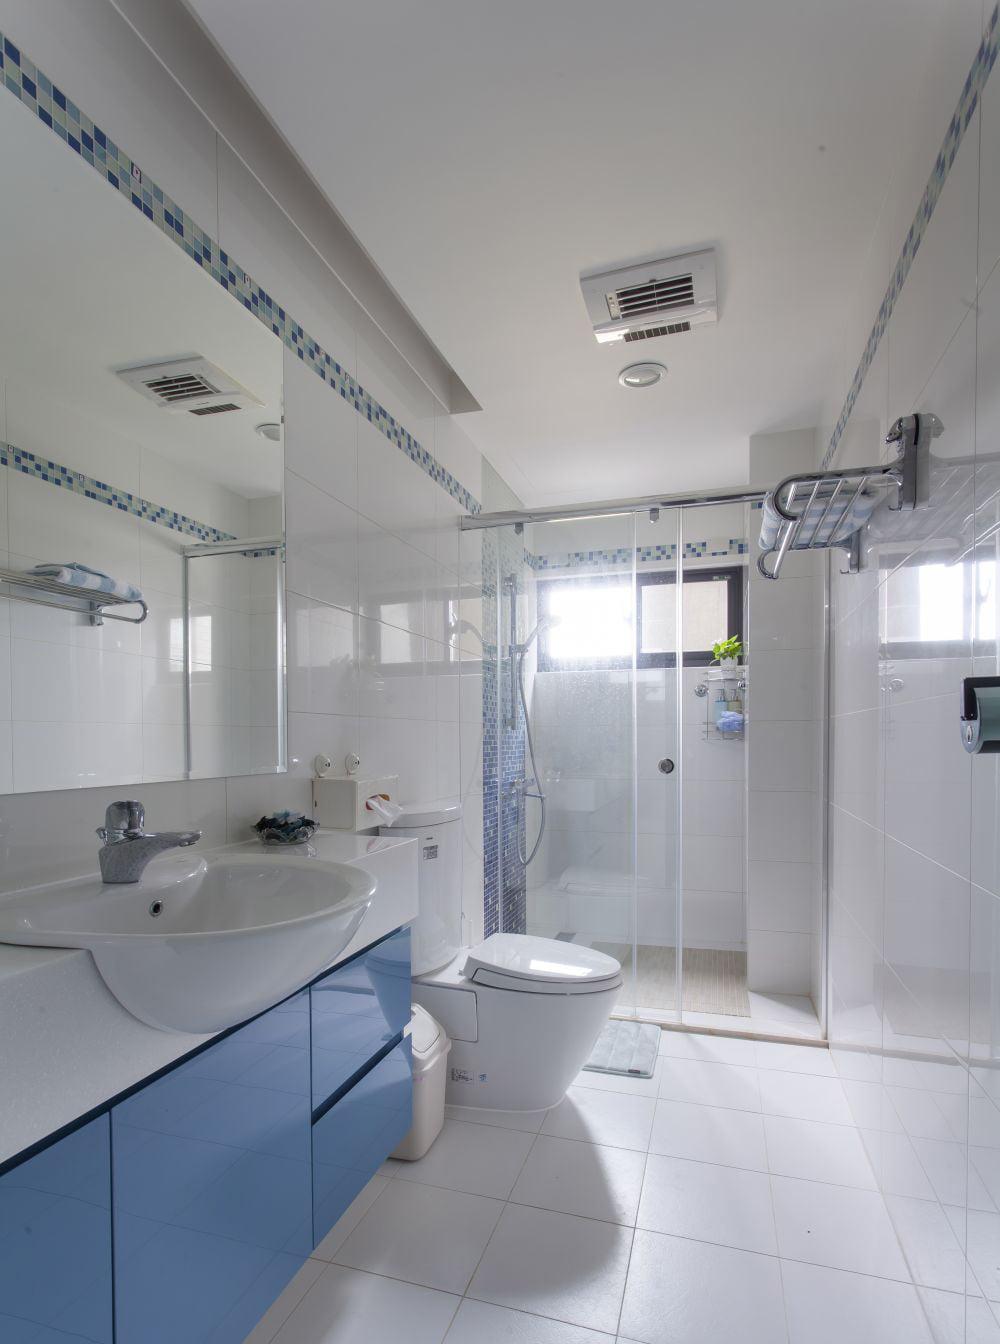 清新藍調的浴室櫃,令人元氣滿滿